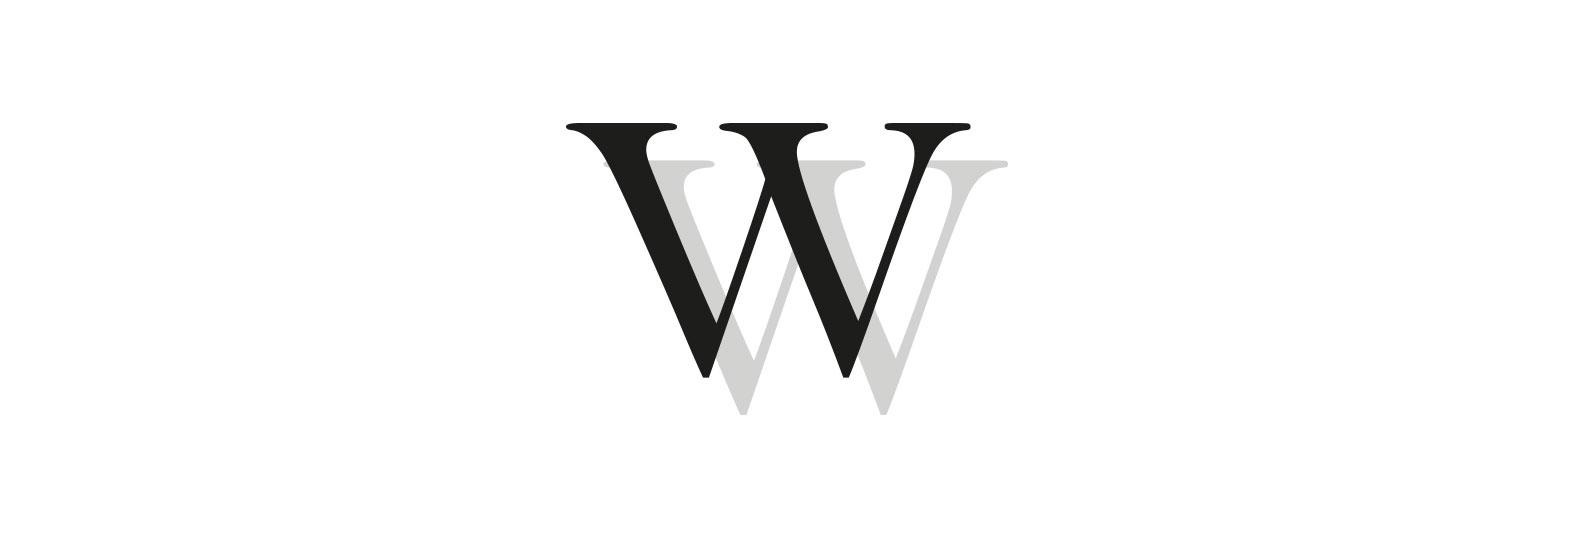 Das Schuhlexikon von Sioux Buchstabe W